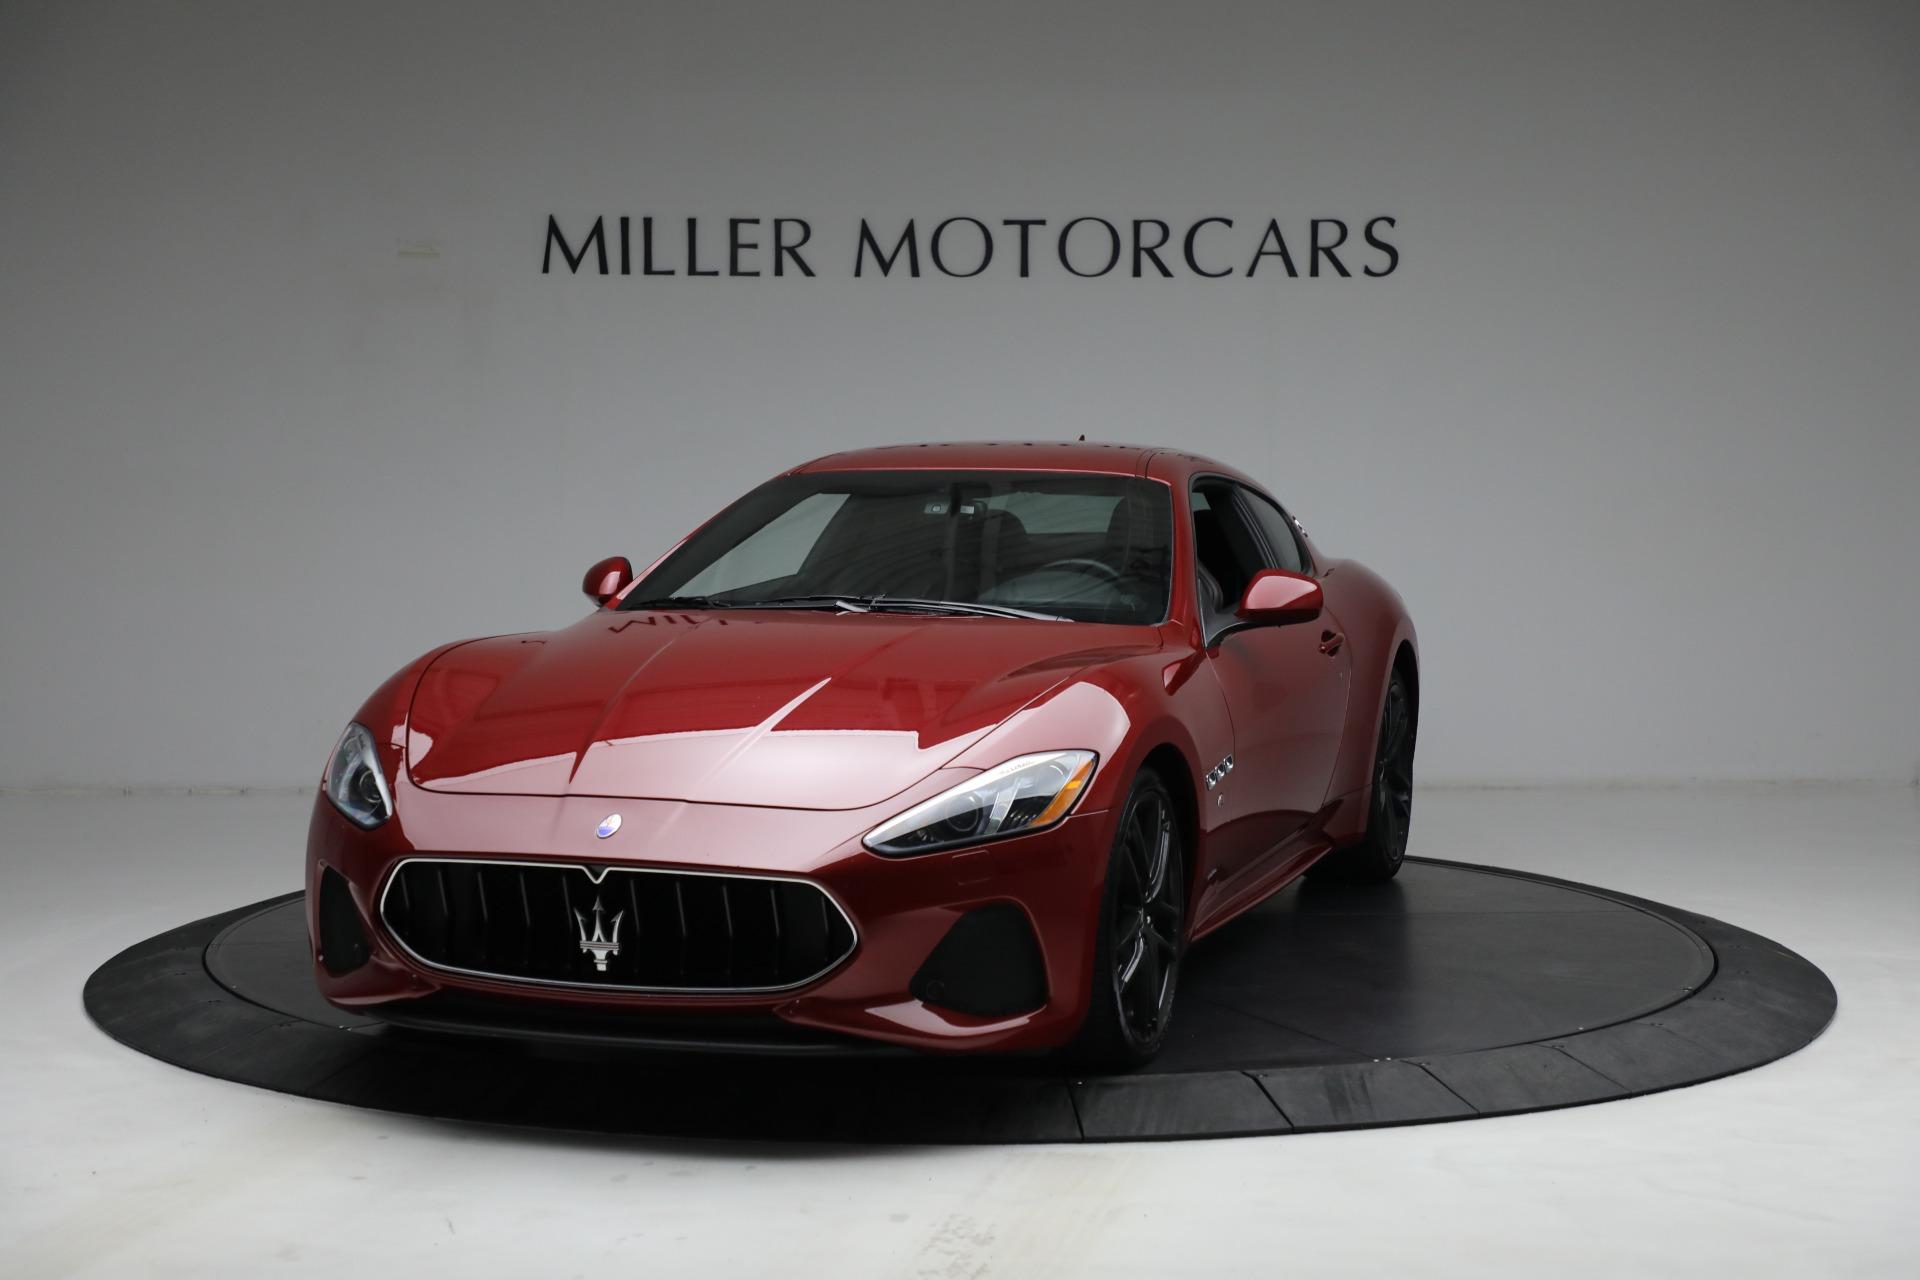 Used 2018 Maserati GranTurismo Sport for sale $94,900 at Maserati of Greenwich in Greenwich CT 06830 1